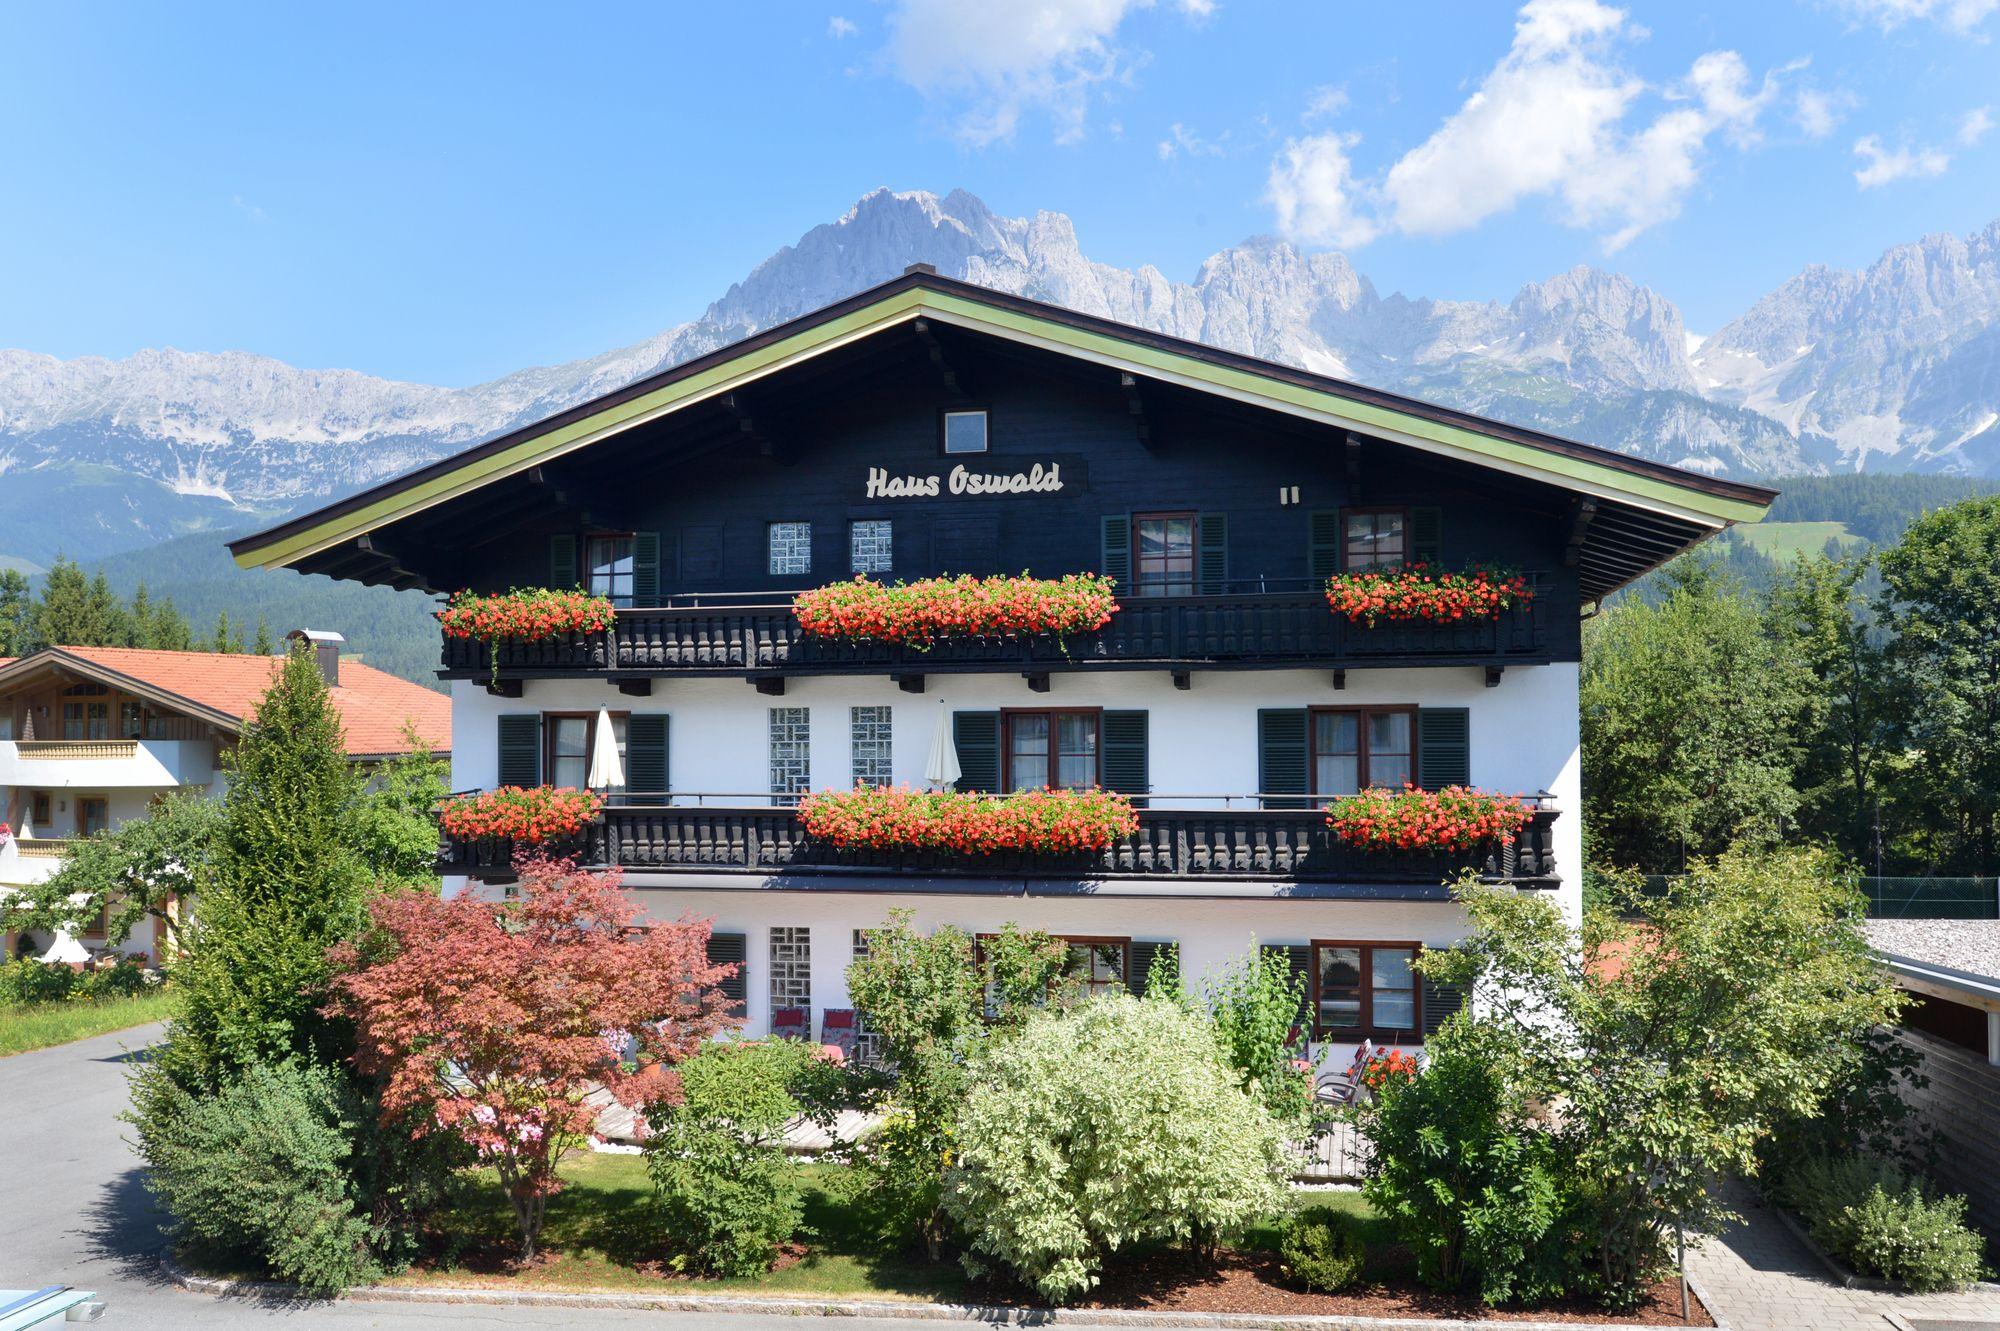 Biohof Obertreichl in 6364 Brixen im Thale - dbminer.net